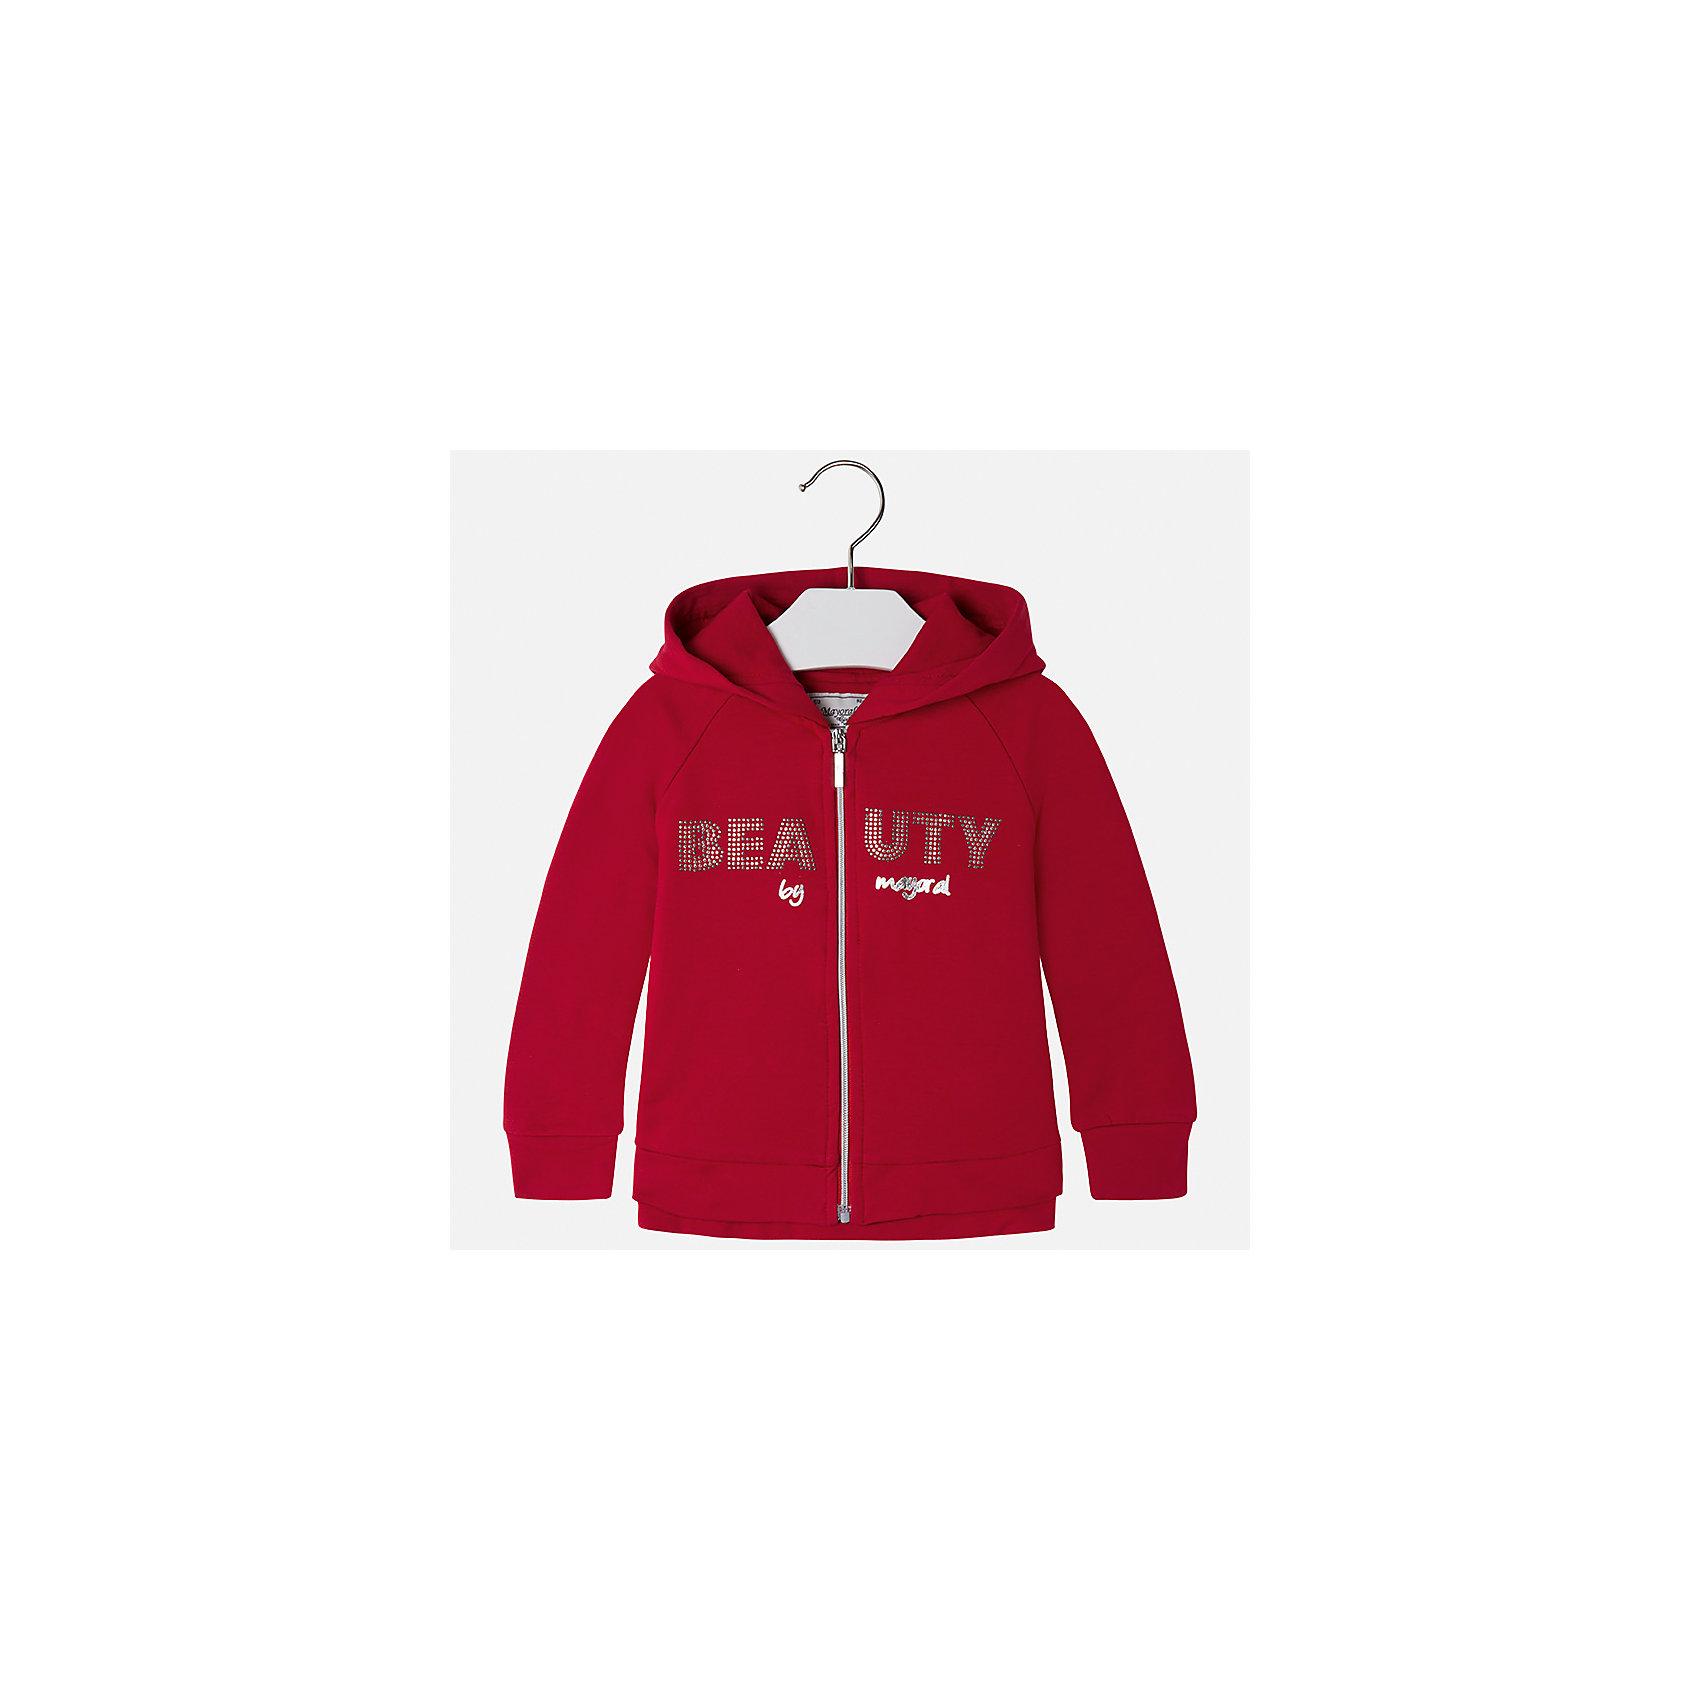 Куртка Mayoral для девочкиДемисезонные куртки<br>Характеристики товара:<br><br>• цвет: красный<br>• состав ткани: 95% хлопок, 5% эластан<br>• застежка: молния<br>• капюшон<br>• стразы<br>• сезон: круглый год<br>• страна бренда: Испания<br>• страна изготовитель: Китай<br><br>Легкая куртка для девочки эффектно смотрится благодаря блестящему принту. Такая куртка от Майорал - это пример отличного вкуса и высокого качества. <br><br>В одежде от испанской компании Майорал ребенок будет выглядеть модно, а чувствовать себя - комфортно. Целая команда европейских талантливых дизайнеров работает над созданием стильных и оригинальных моделей одежды.<br><br>Куртку для девочки Mayoral (Майорал) можно купить в нашем интернет-магазине.<br><br>Ширина мм: 356<br>Глубина мм: 10<br>Высота мм: 245<br>Вес г: 519<br>Цвет: красный<br>Возраст от месяцев: 84<br>Возраст до месяцев: 96<br>Пол: Женский<br>Возраст: Детский<br>Размер: 128,134,92,98,104,110,116,122<br>SKU: 6924701